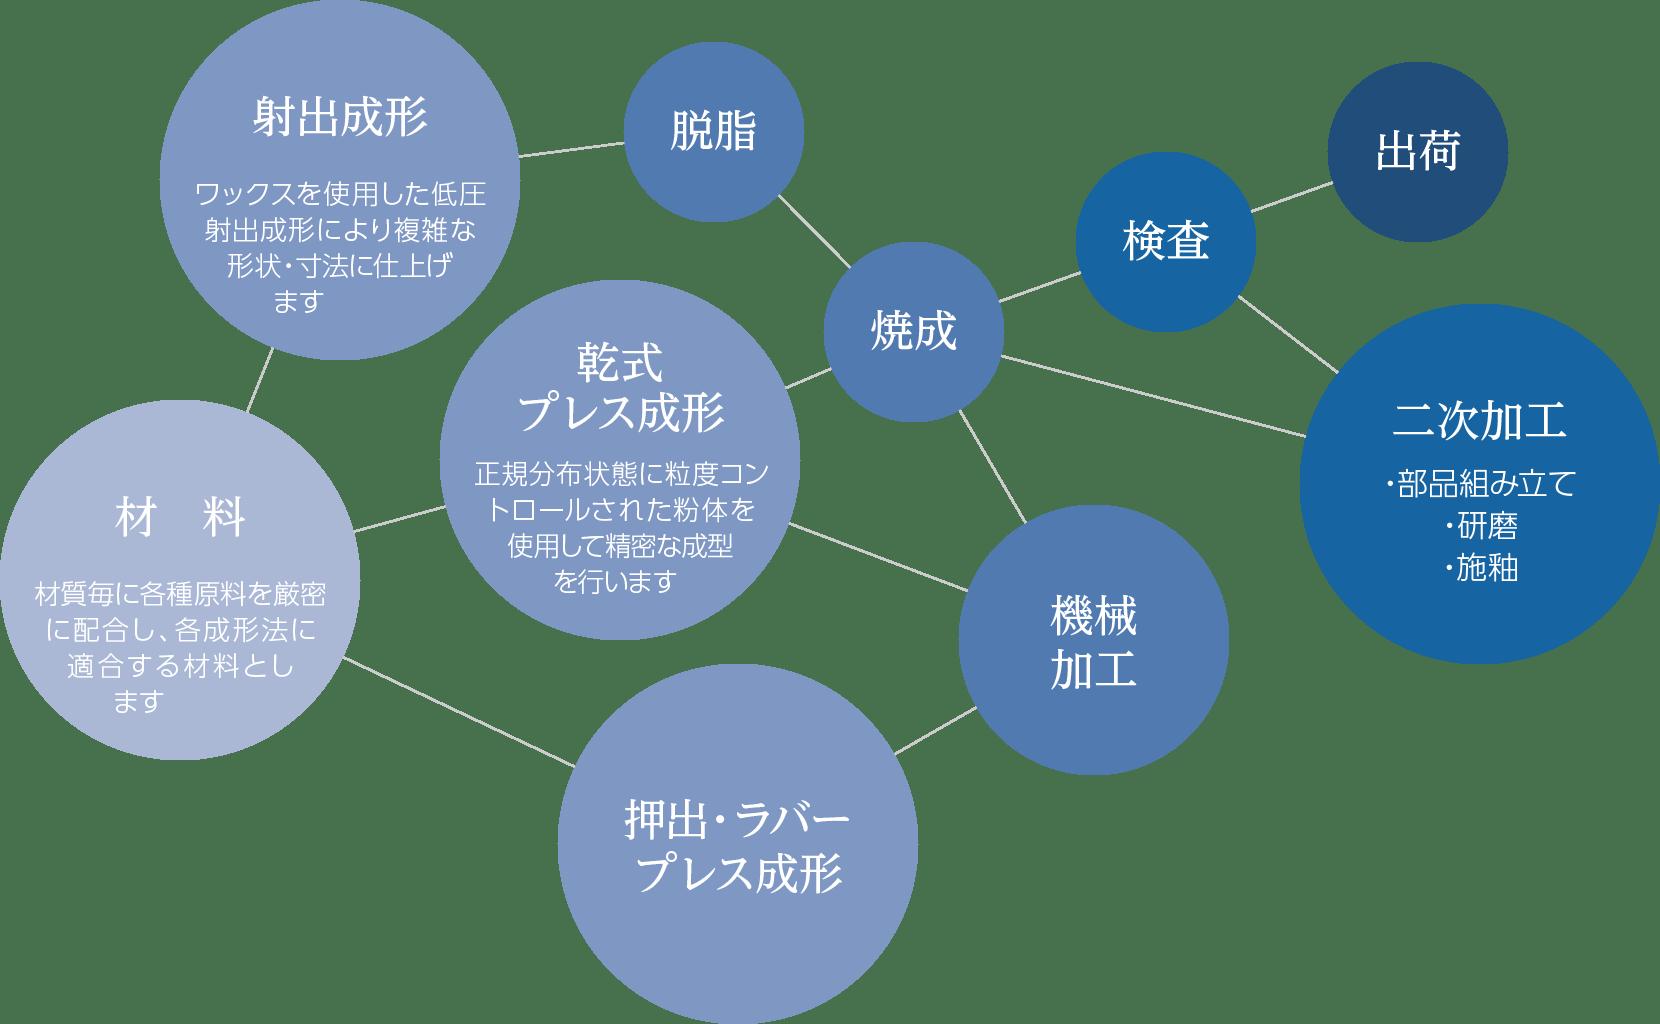 大塚セラミックスの特徴